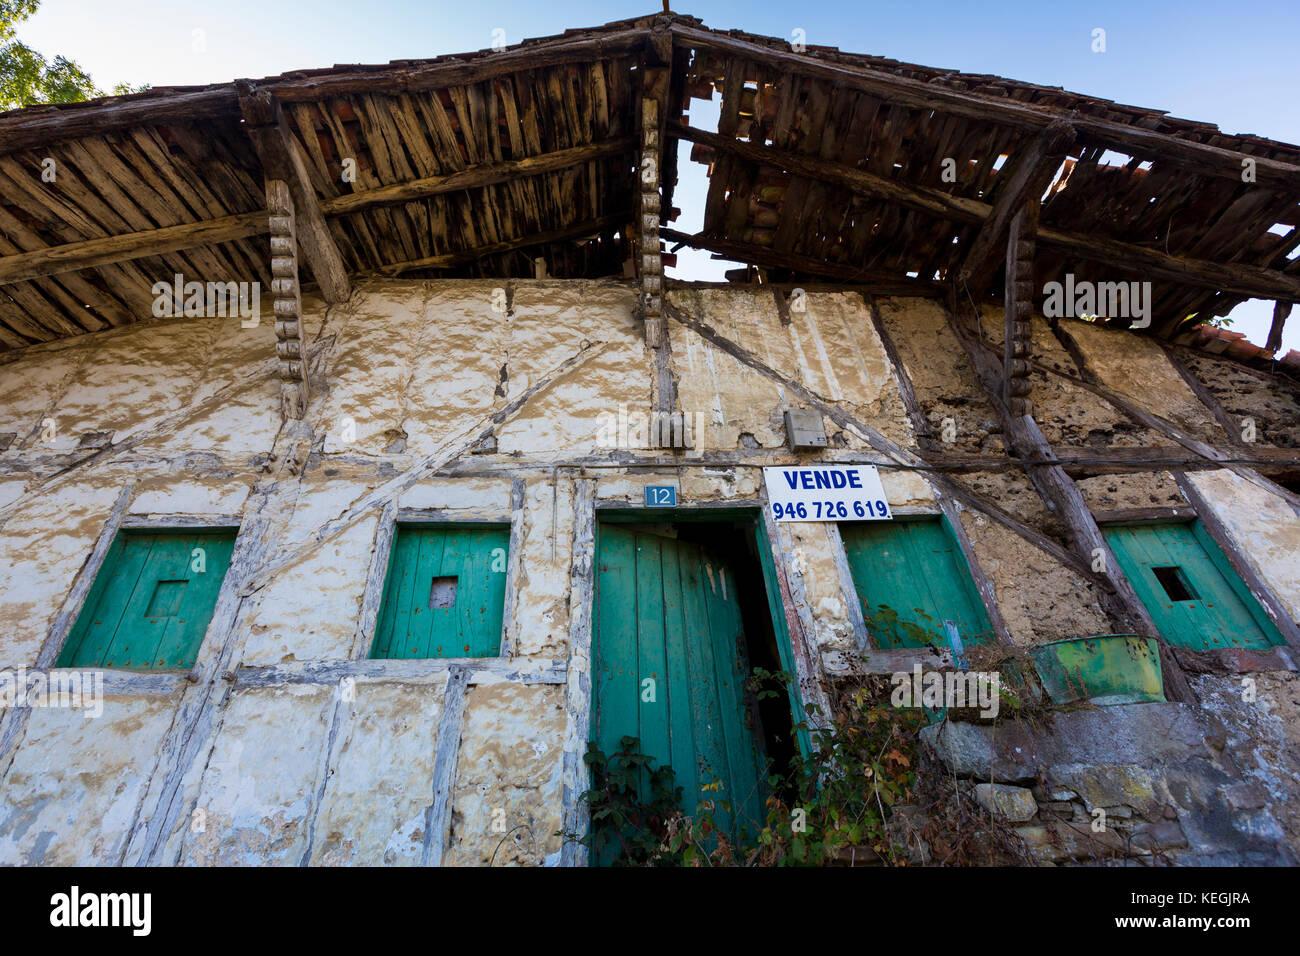 Casa tradicional vasca en venta en la región vasca Biskaia del norte de España Foto de stock